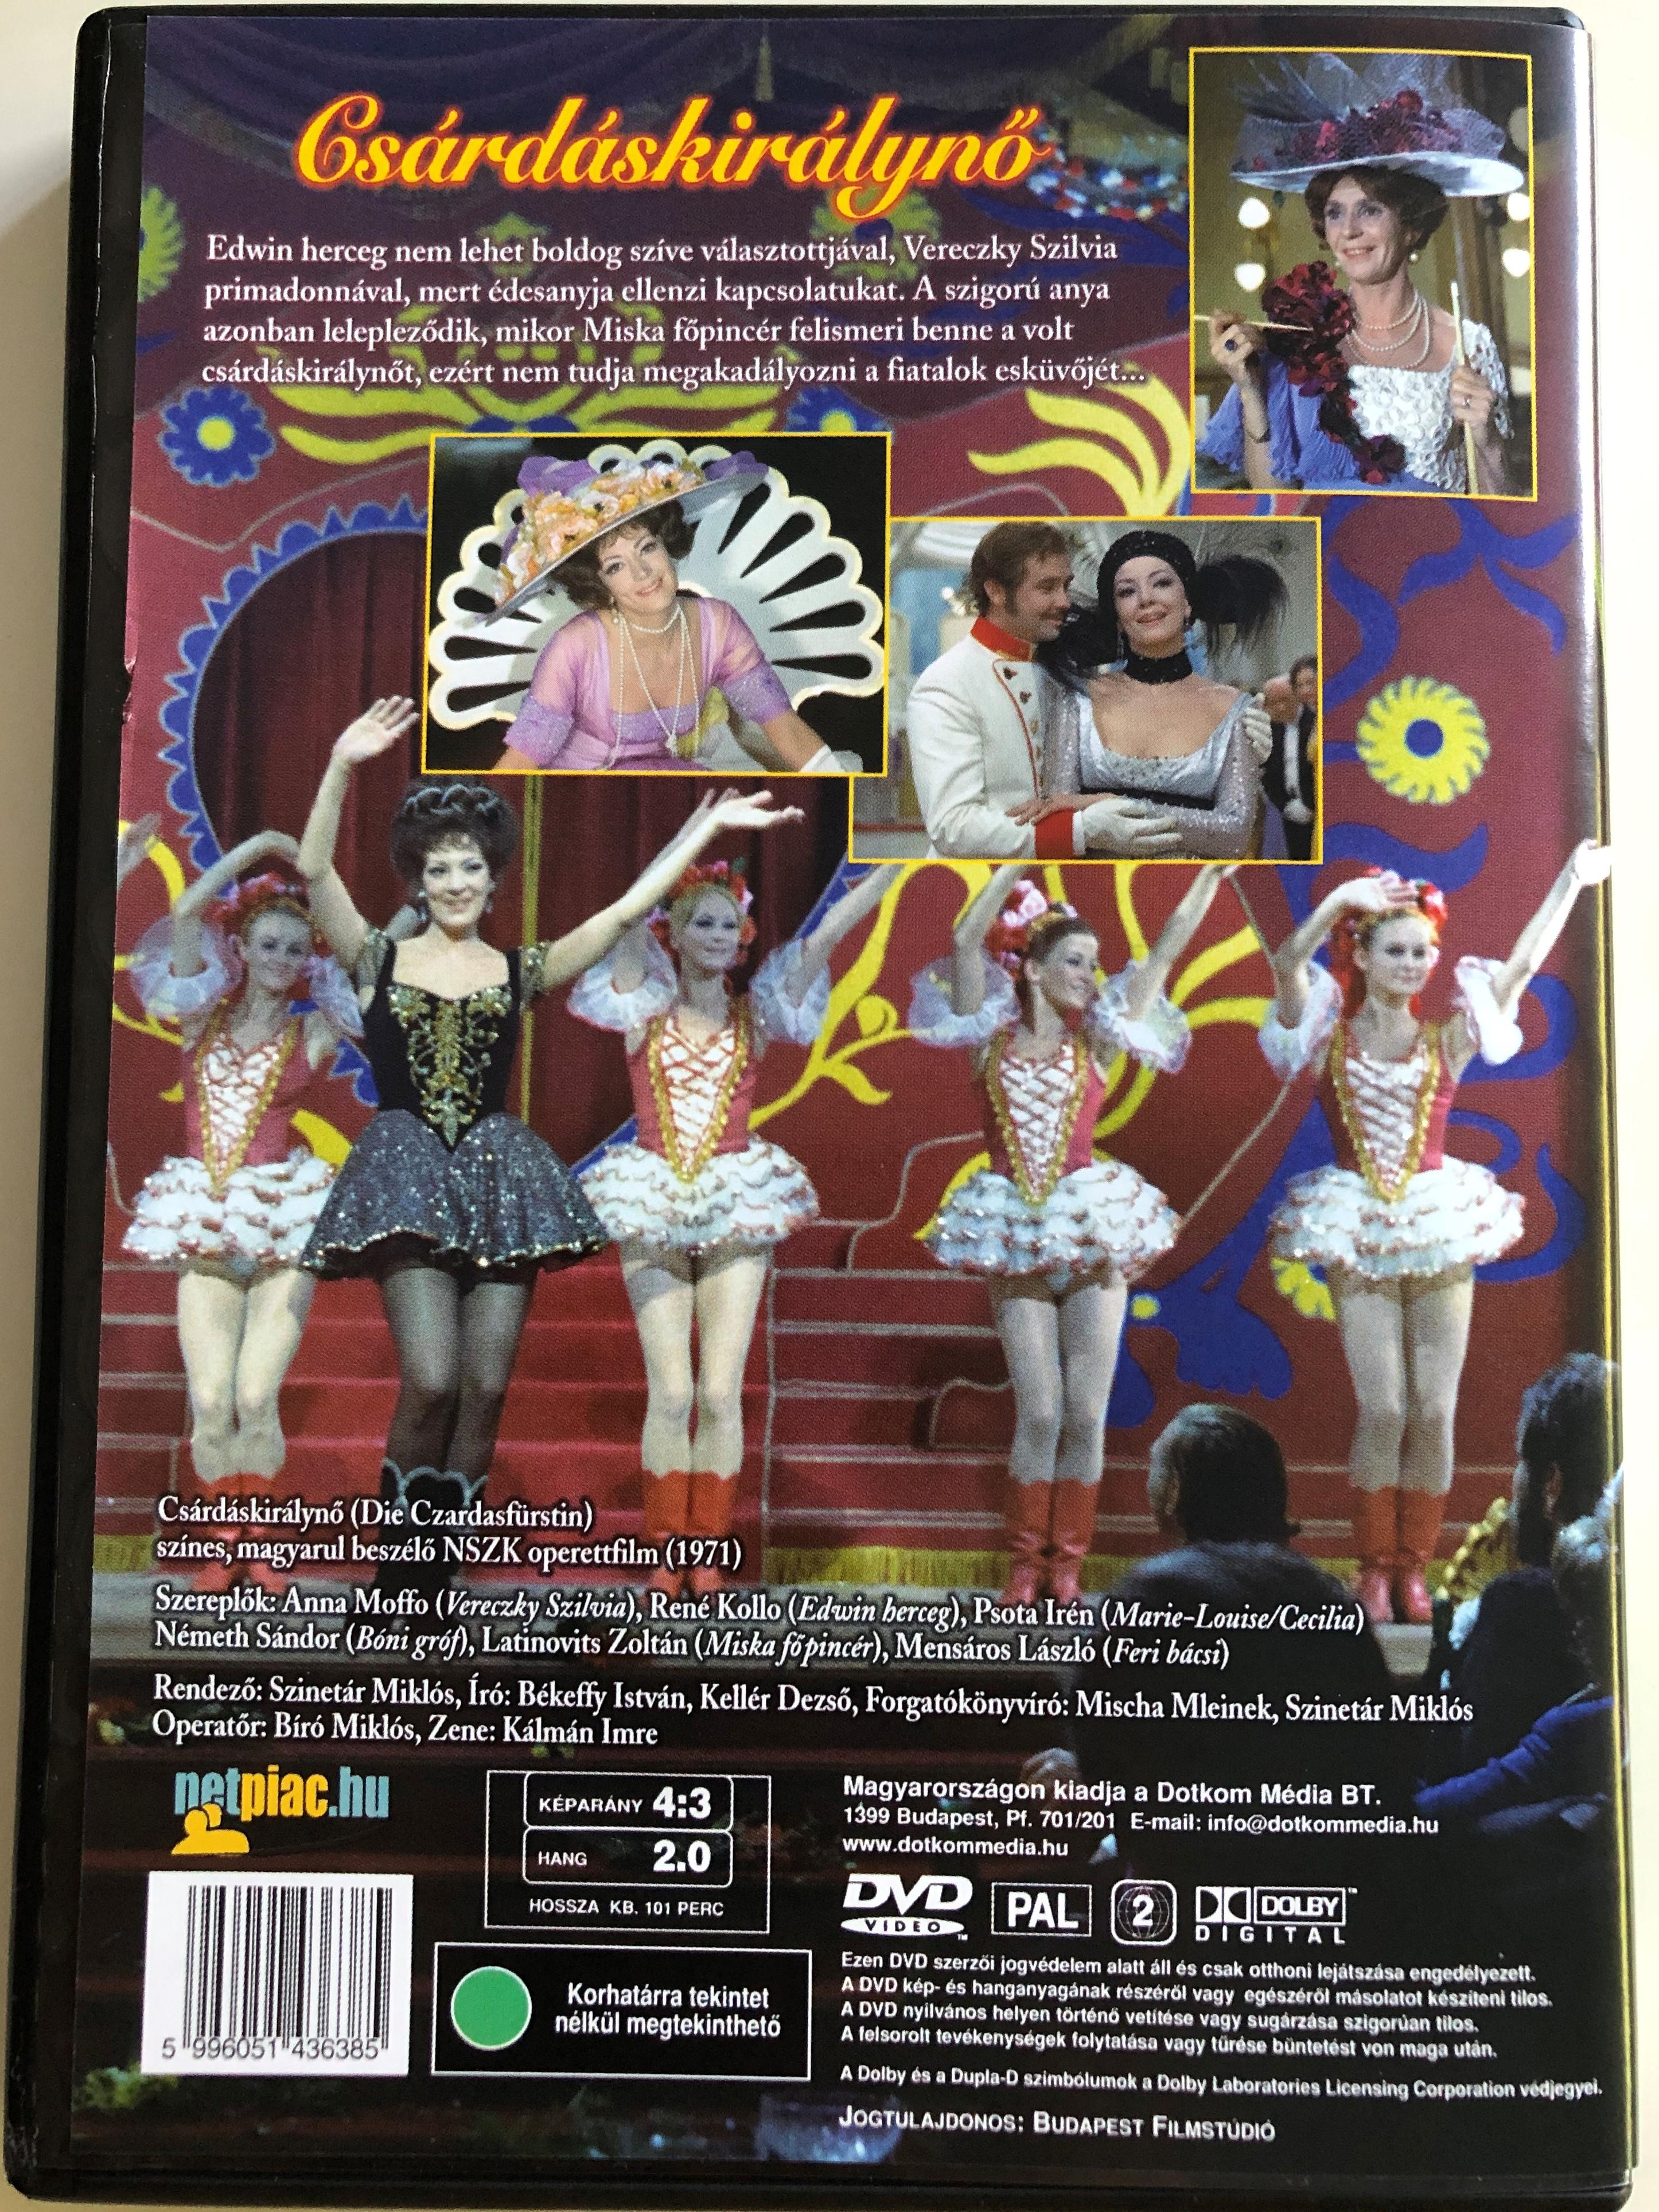 cs-rd-skir-lyn-dvd-1971-die-cs-rd-sf-rstin-the-cs-rd-s-princess-directed-by-szinet-r-mikl-s-starring-anna-moffo-ren-kollo-psota-ir-n-n-meth-s-ndor-latinovits-zolt-n-mens-ros-l-szl-3-.jpg